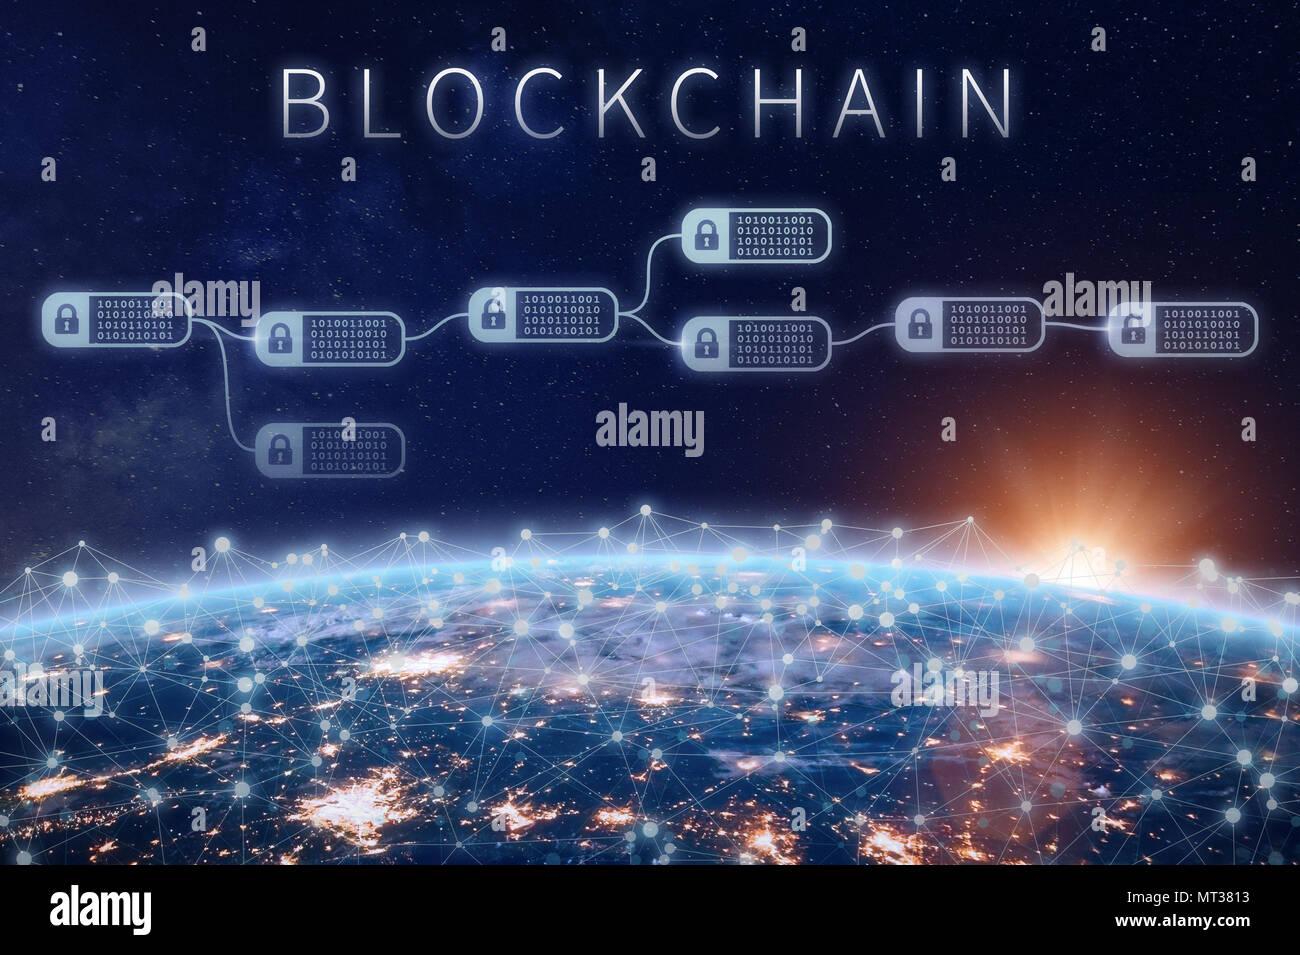 Concepto de tecnología financiera Blockchain con red de cadena de cifrado de bloque de transacción vinculados alrededor del planeta Tierra, ledger (Bitcoi cryptocurrency Imagen De Stock